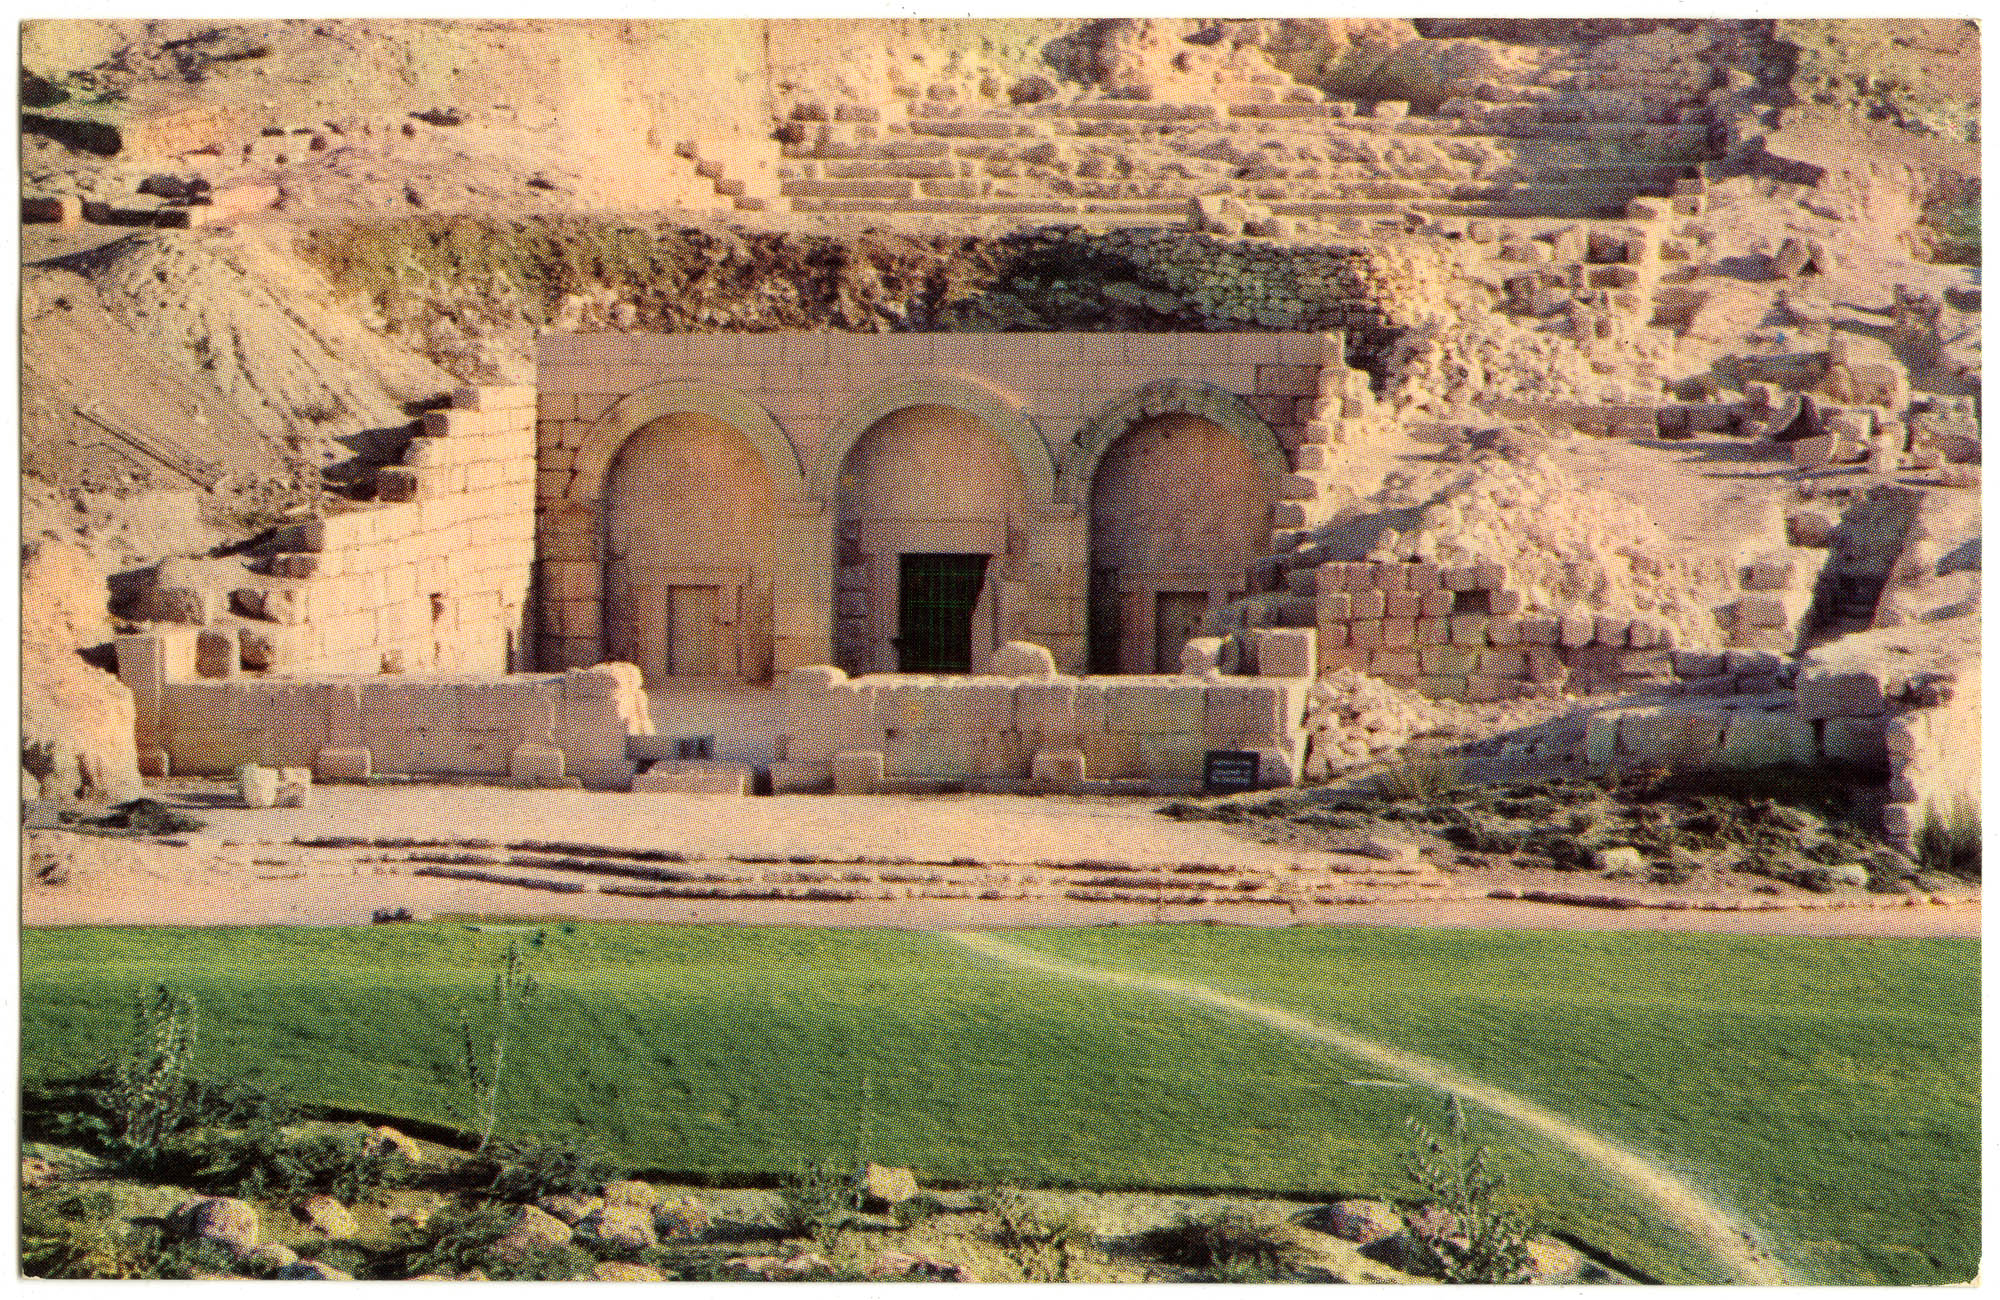 בית שערים (קרית טבעון), הכניסה למערת הקברים / Beth Shearim (Kiryat Tiv'on), entrance to the catacombs